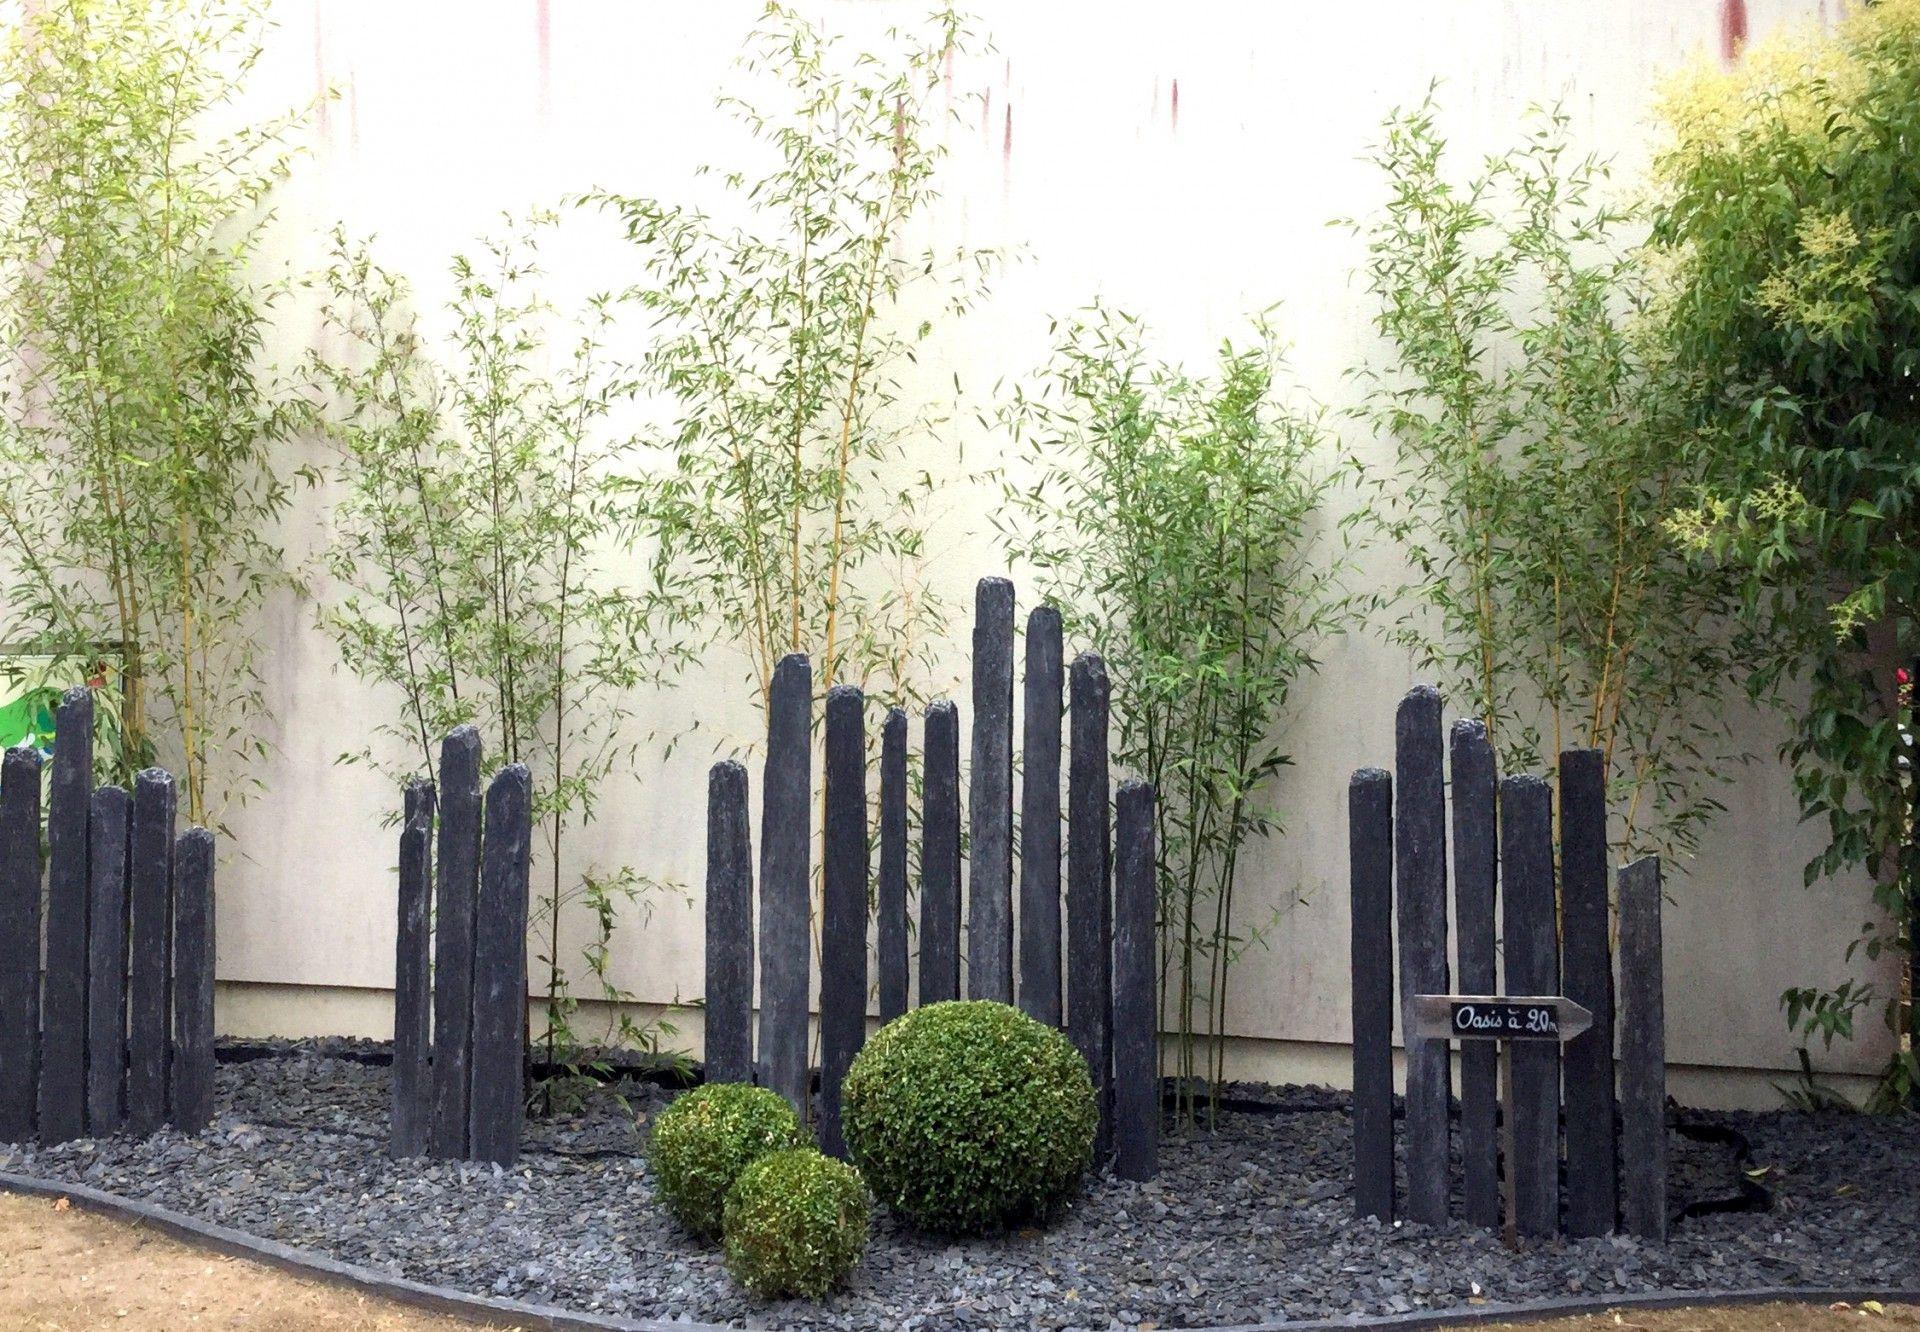 Piquet En Ardoise Bois Jardin - Recherche Google ... concernant Deco Jardin Bambou